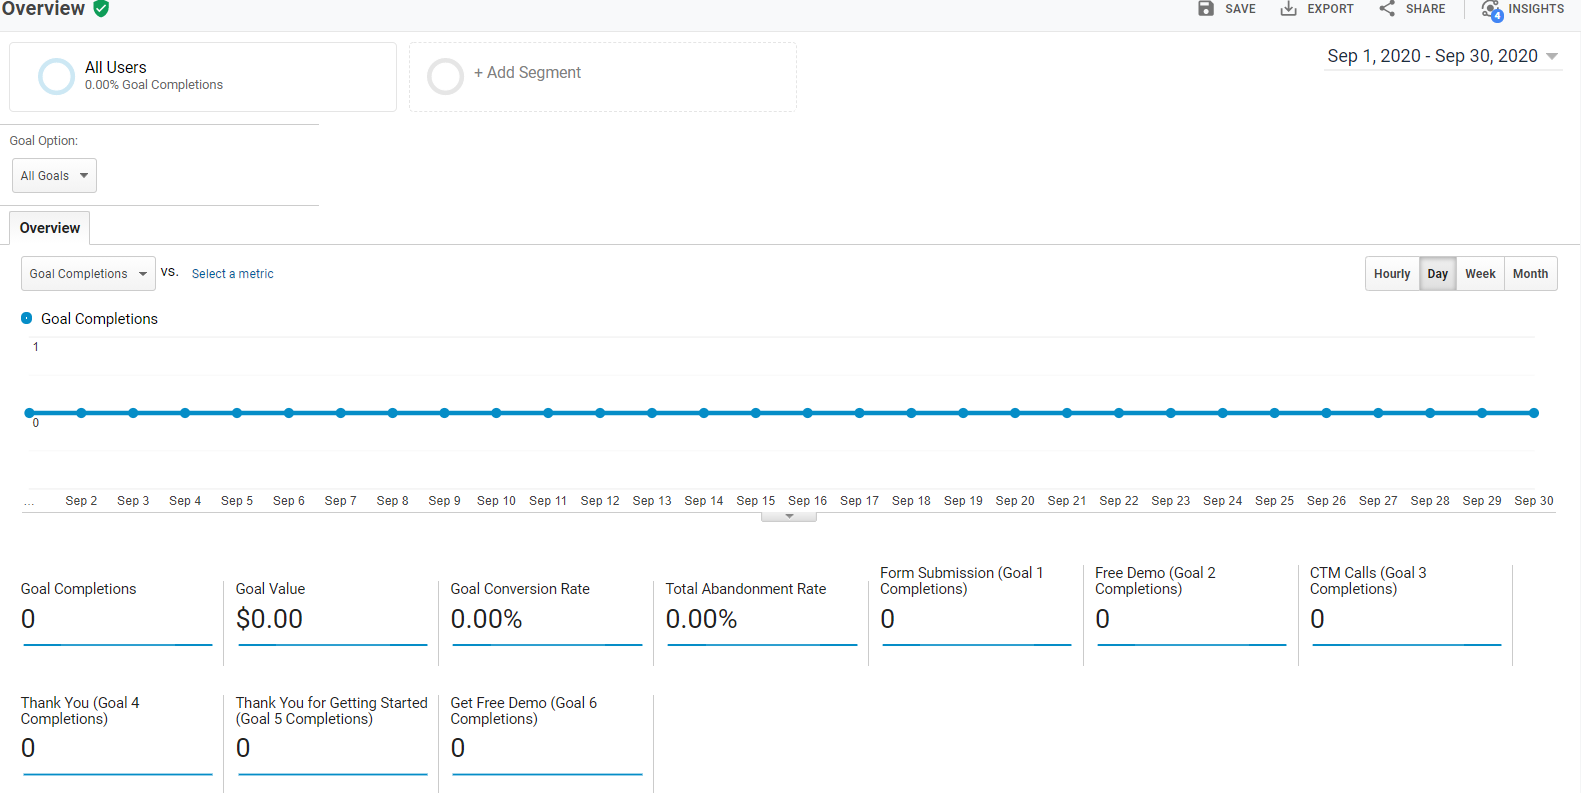 Результати ДО роботи з агентством контекстної реклами Penguin-team в Аналітиці